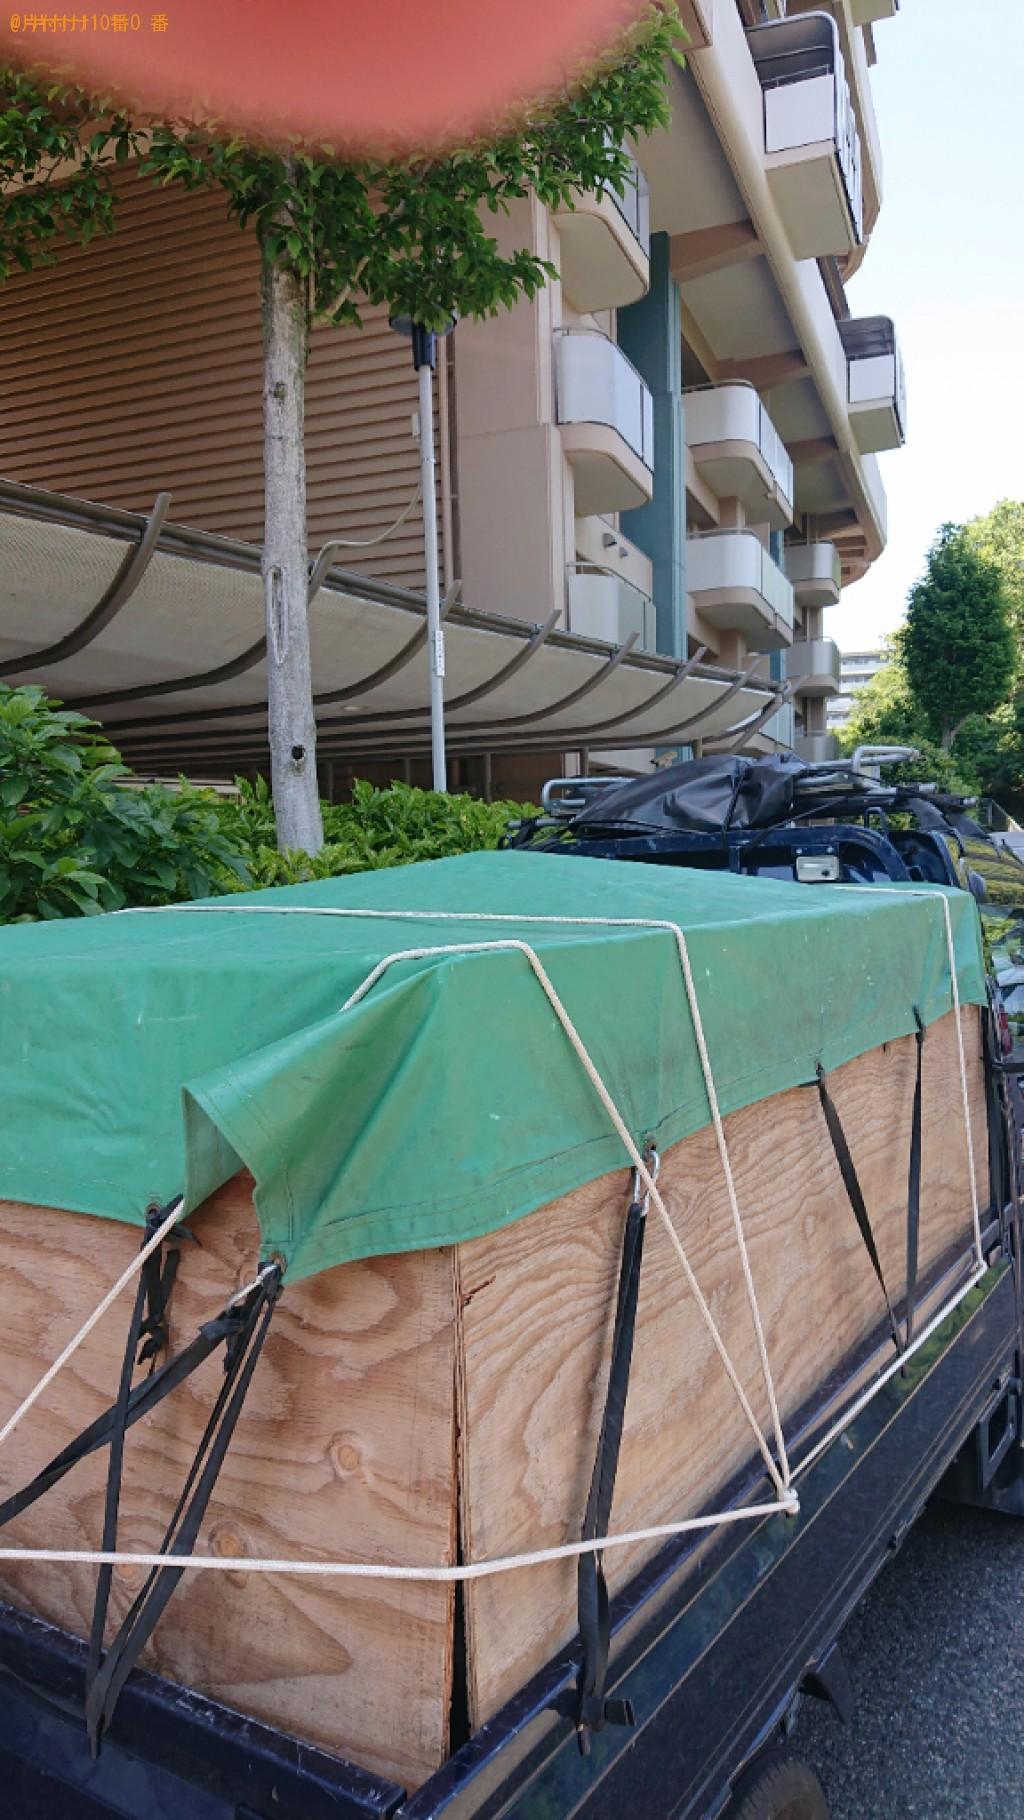 【堺市南区】テレビ、折り畳みベッド、テレビ台、自転車等の回収